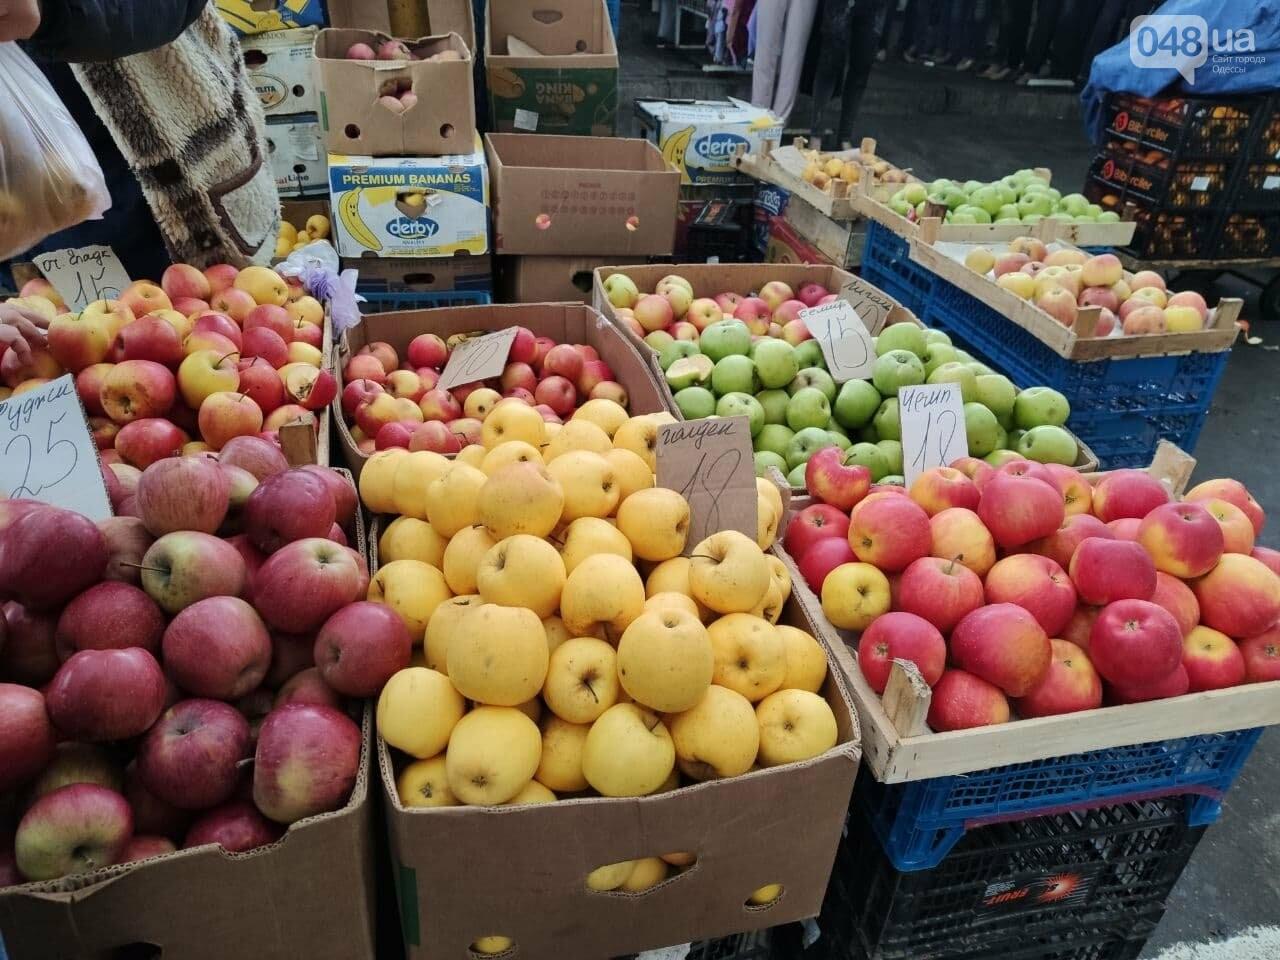 Помело, имбирь, шампиньоны: почем на одесском Привозе овощи и фрукты, - ФОТО, фото-6